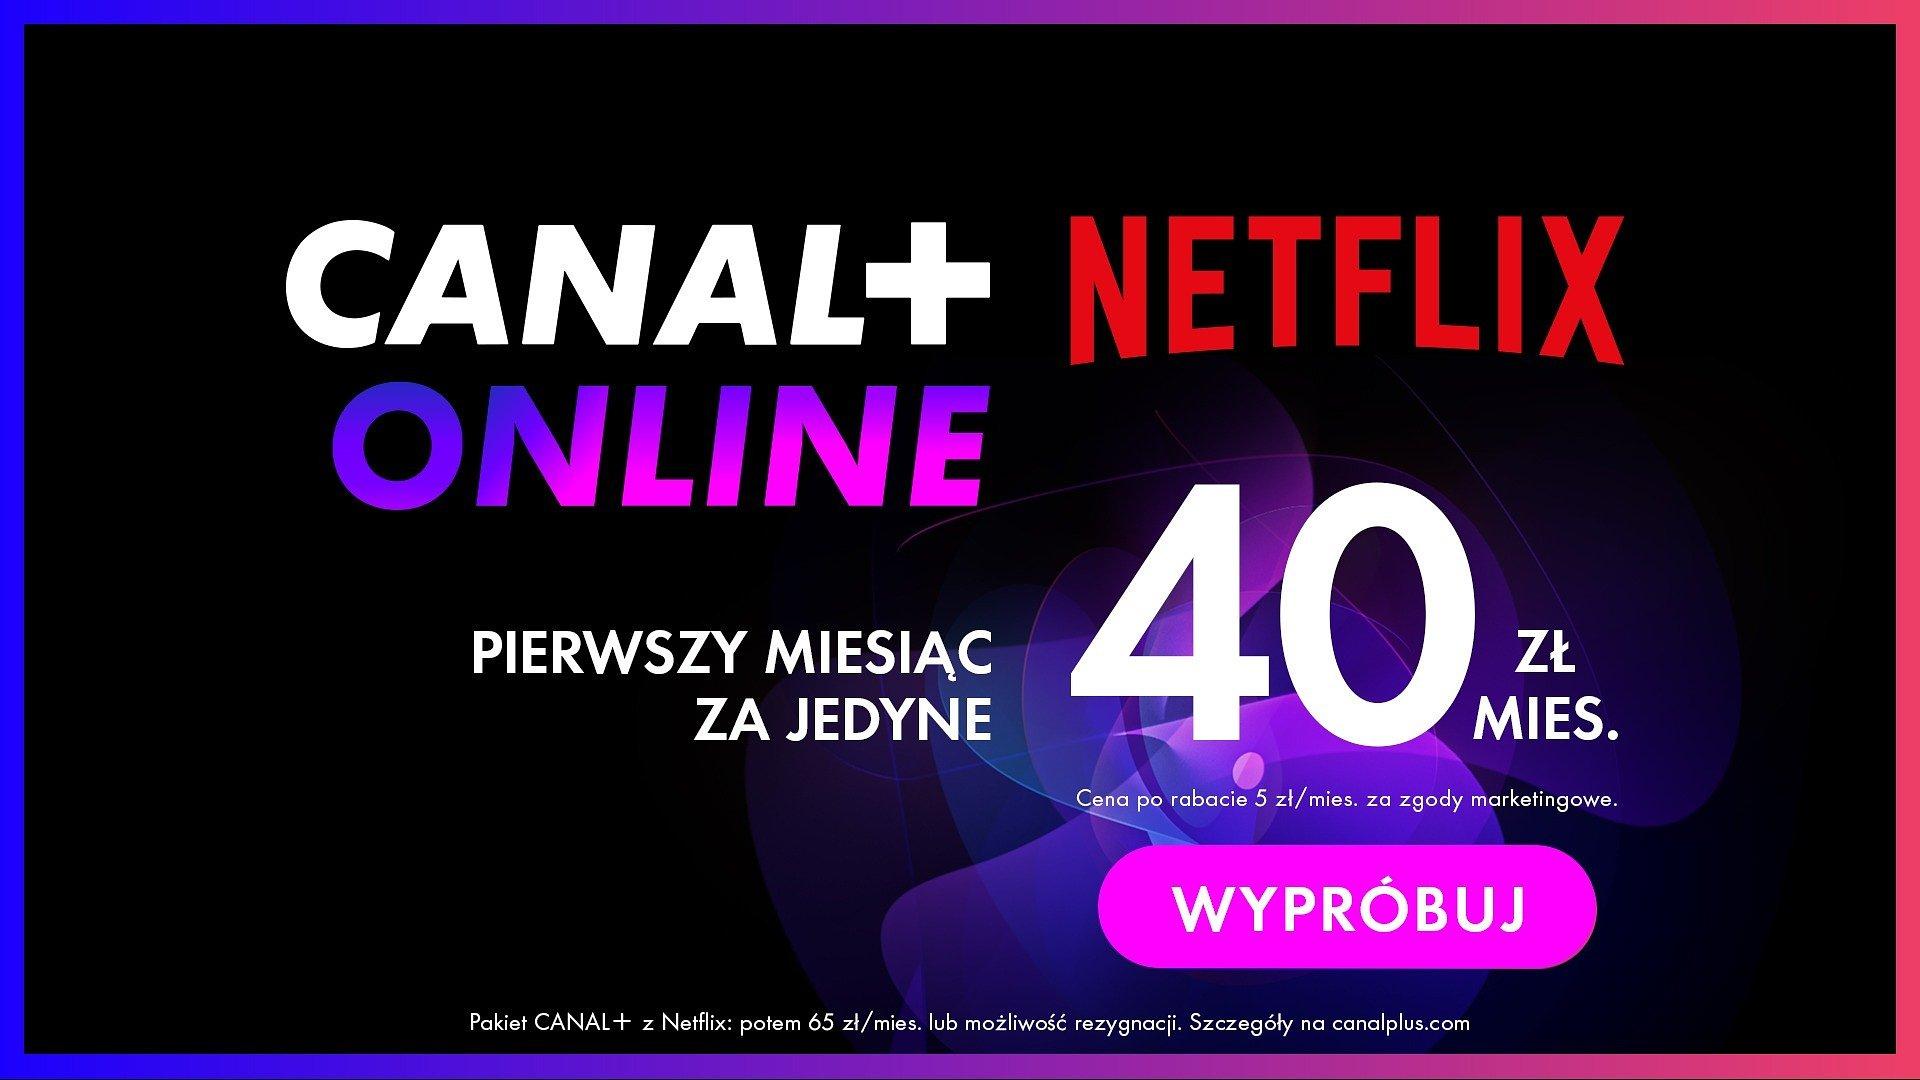 Nowa oferta Canal+ Online i Netfliksa. Pierwsza taka w Polsce